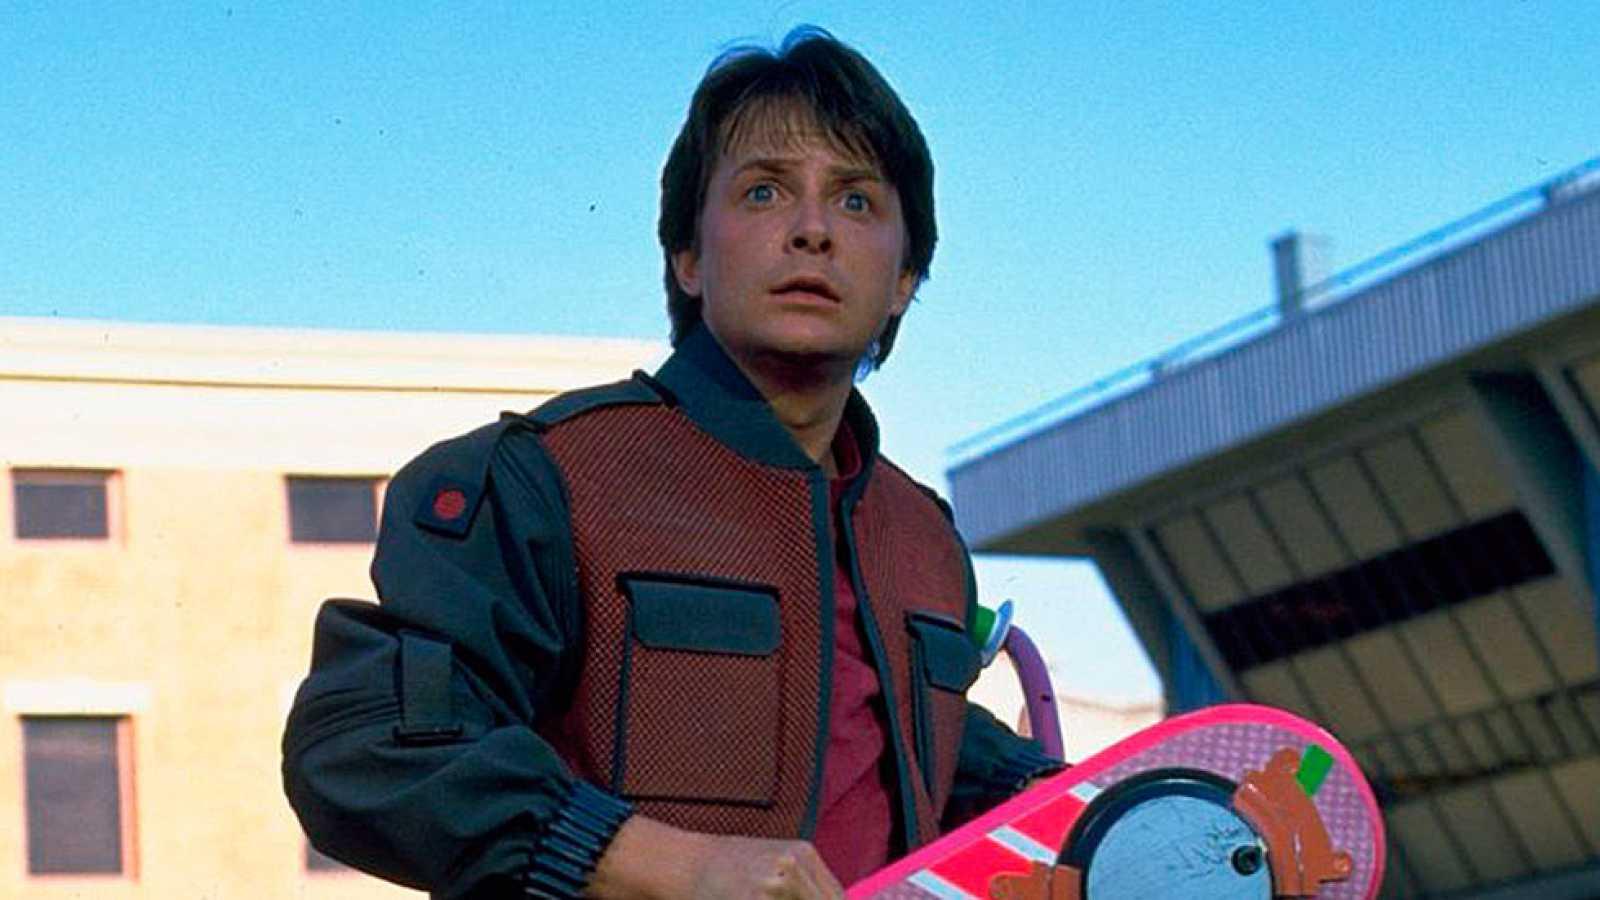 Bienvenido al futuro, Marty McFly